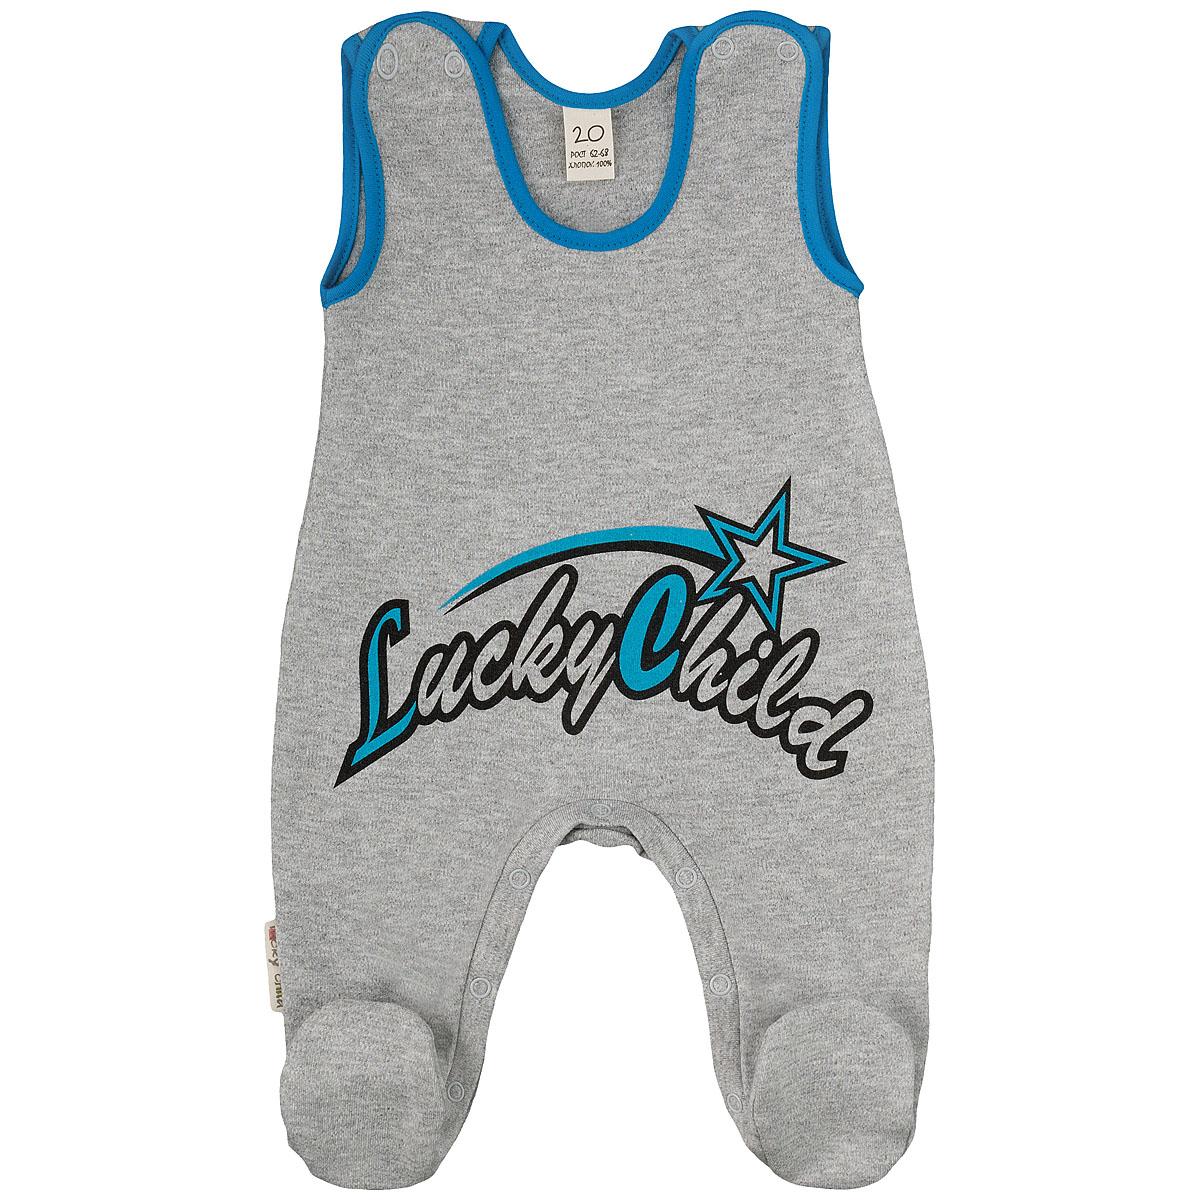 1-2Ползунки с грудкой Lucky Child - очень удобный и практичный вид одежды для малышей. Они отлично сочетаются с футболками и кофточками. Ползунки выполнены из интерлока - натурального хлопка, благодаря чему они необычайно мягкие и приятные на ощупь, не раздражают нежную кожу ребенка и хорошо вентилируются, а эластичные швы приятны телу малыша и не препятствуют его движениям. Ползунки с закрытыми ножками, застегивающиеся сверху на кнопки, идеально подойдут вашему малышу, обеспечивая ему наибольший комфорт, подходят для ношения с подгузником и без него. Кнопки на ластовице помогают легко и без труда поменять подгузник в течение дня. Спереди ползунки оформлены надписью Lucky Child. Ползунки с грудкой полностью соответствуют особенностям жизни малыша в ранний период, не стесняя и не ограничивая его в движениях!